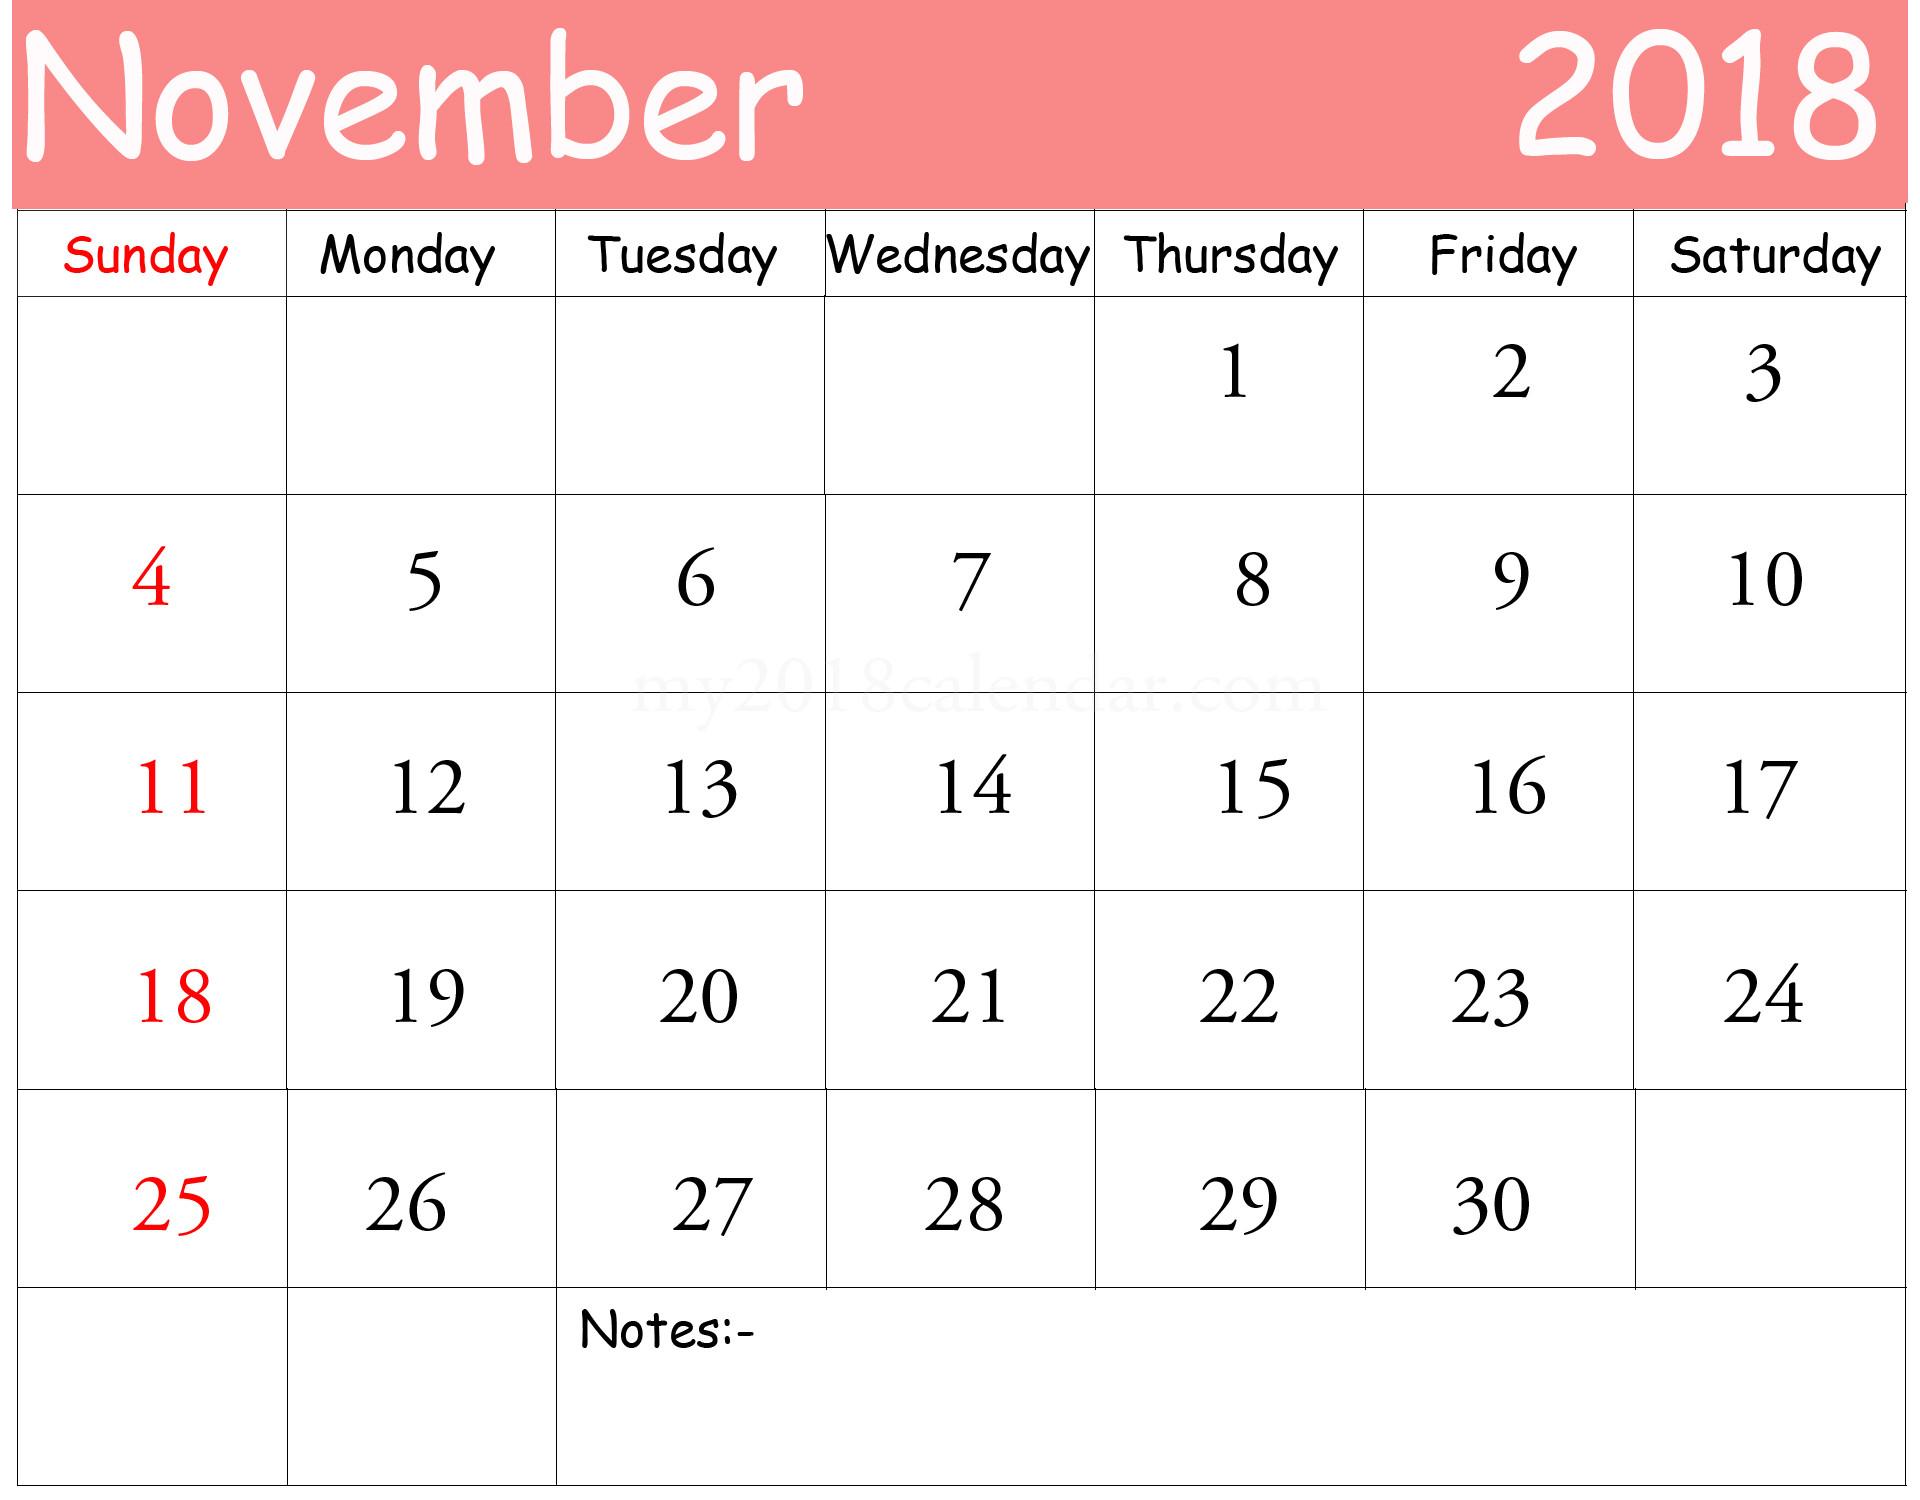 Calendar Wallpaper Software : Desktop wallpapers calendar november ·①